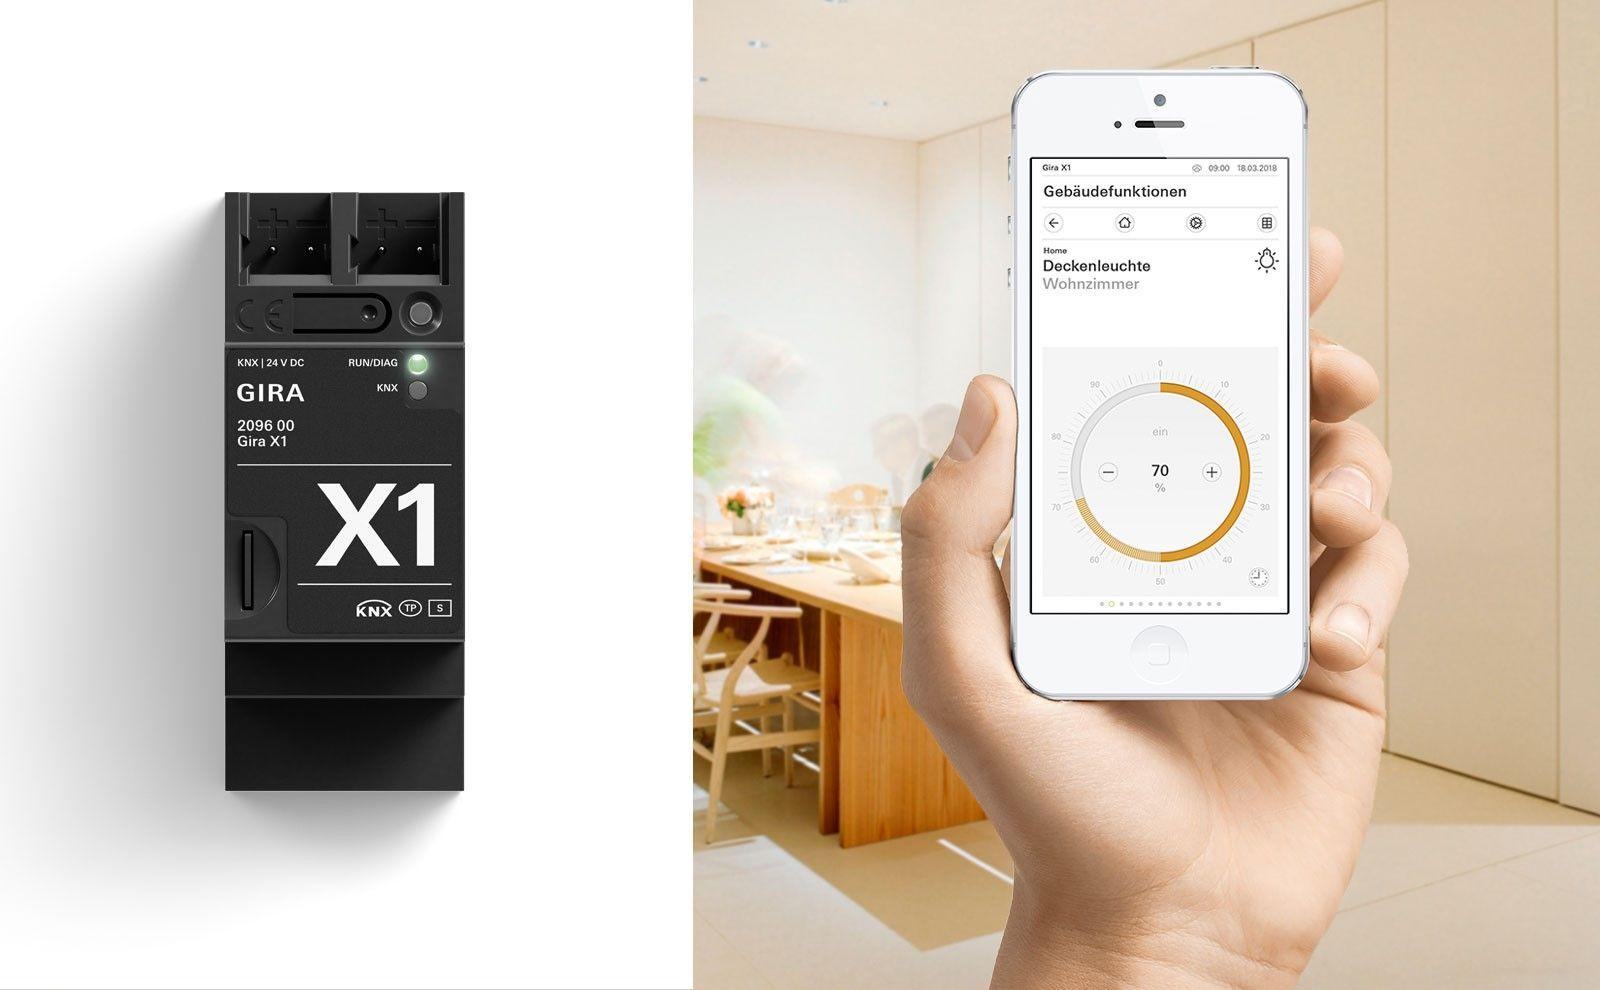 gira-x1-server-und-app